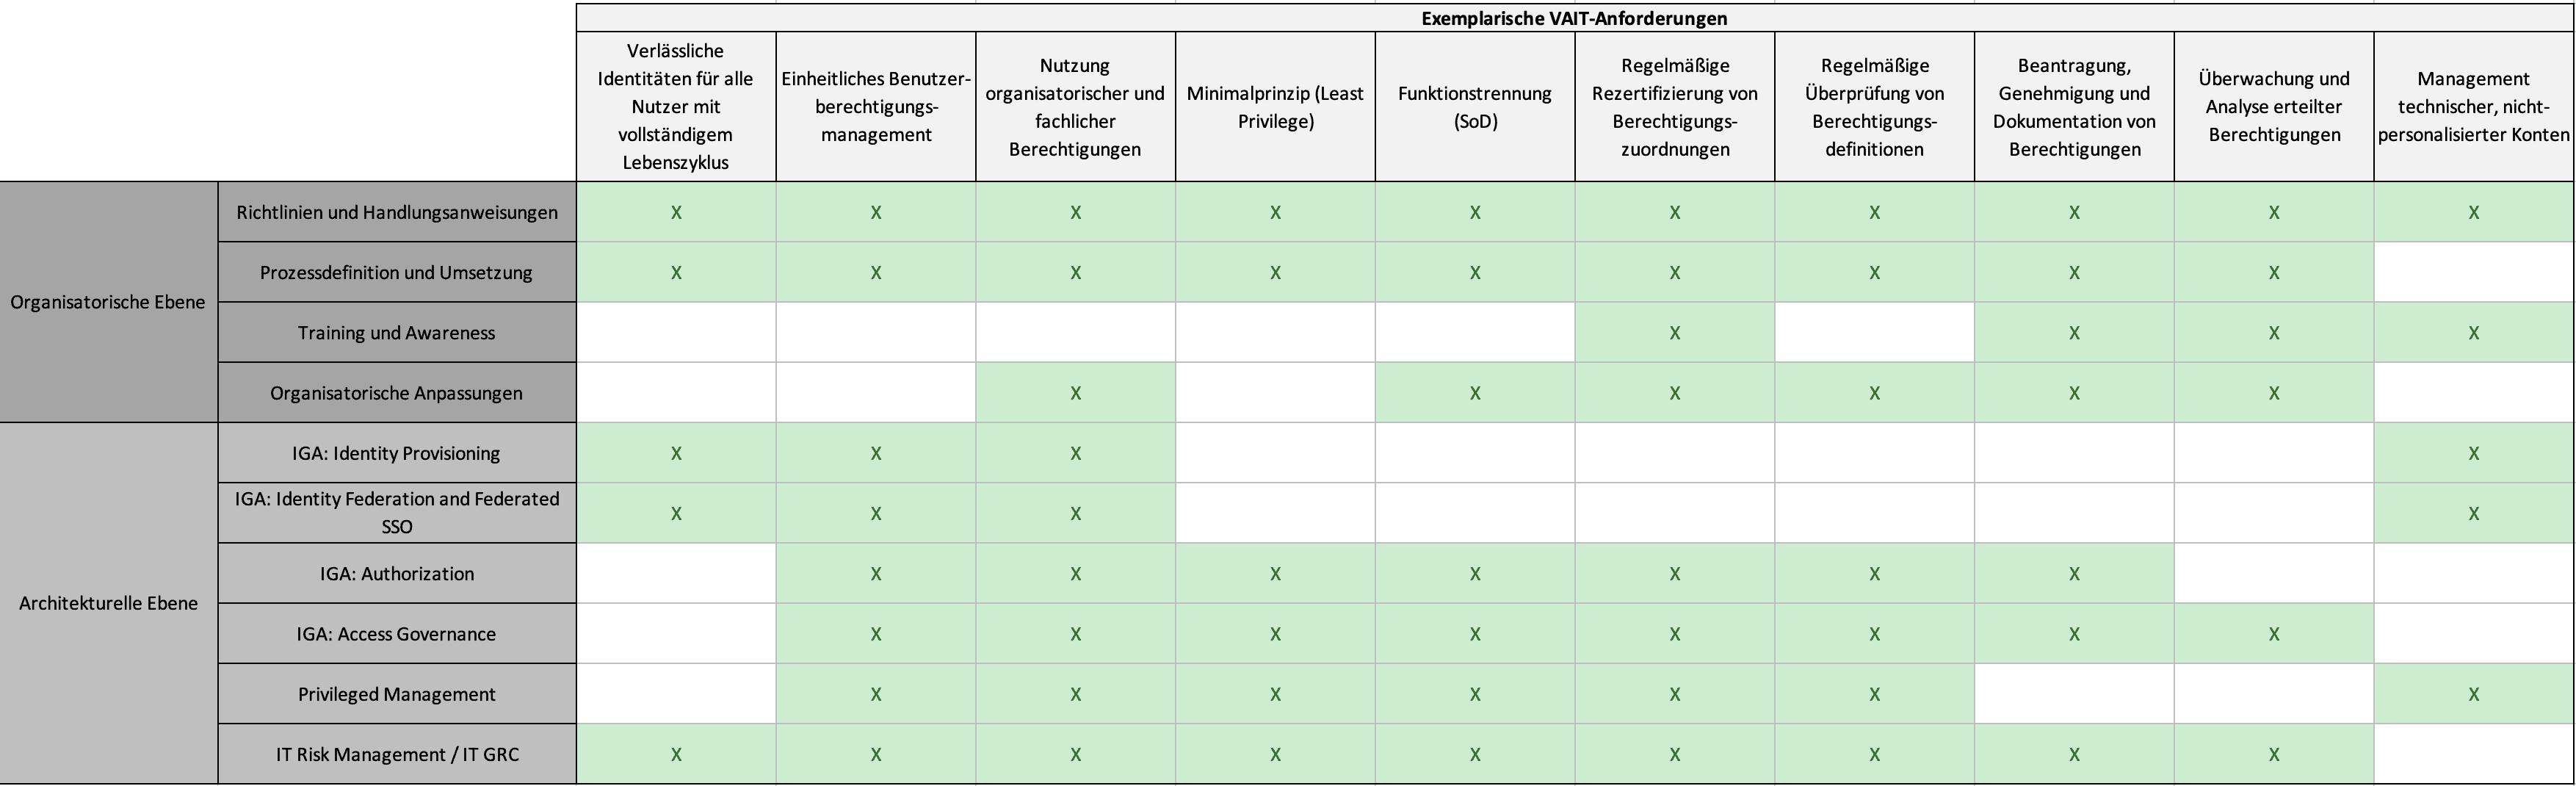 VAIT : Abbildung exemplarischer Anforderungen der VAIT auf IAM-Ebenen<q>KuppingerCole Analysts</q>